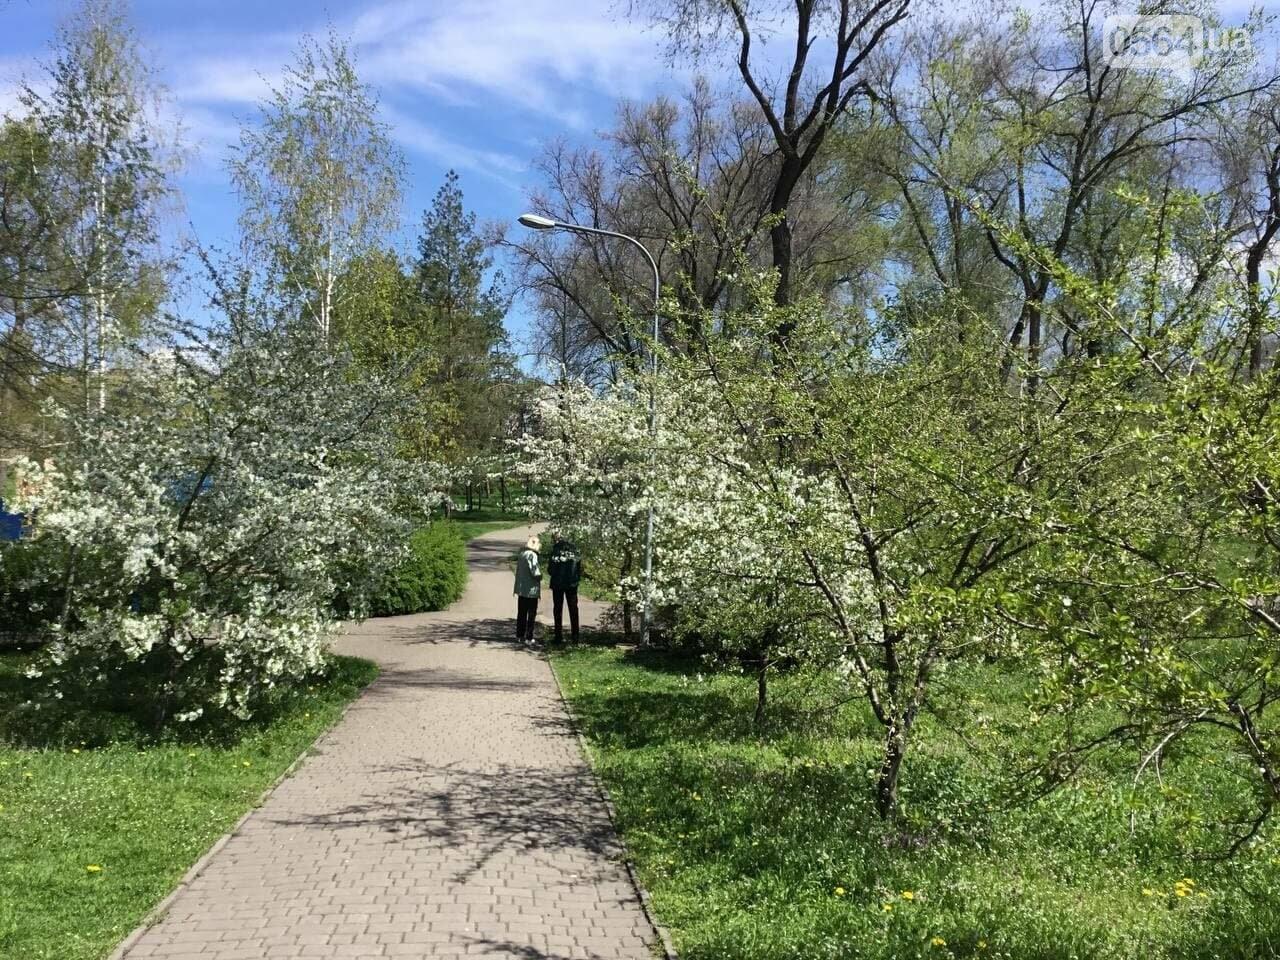 Прогулки, фотосессии, отдых на природе, - как криворожане провели первые дни мая, - ФОТО, ВИДЕО, фото-16